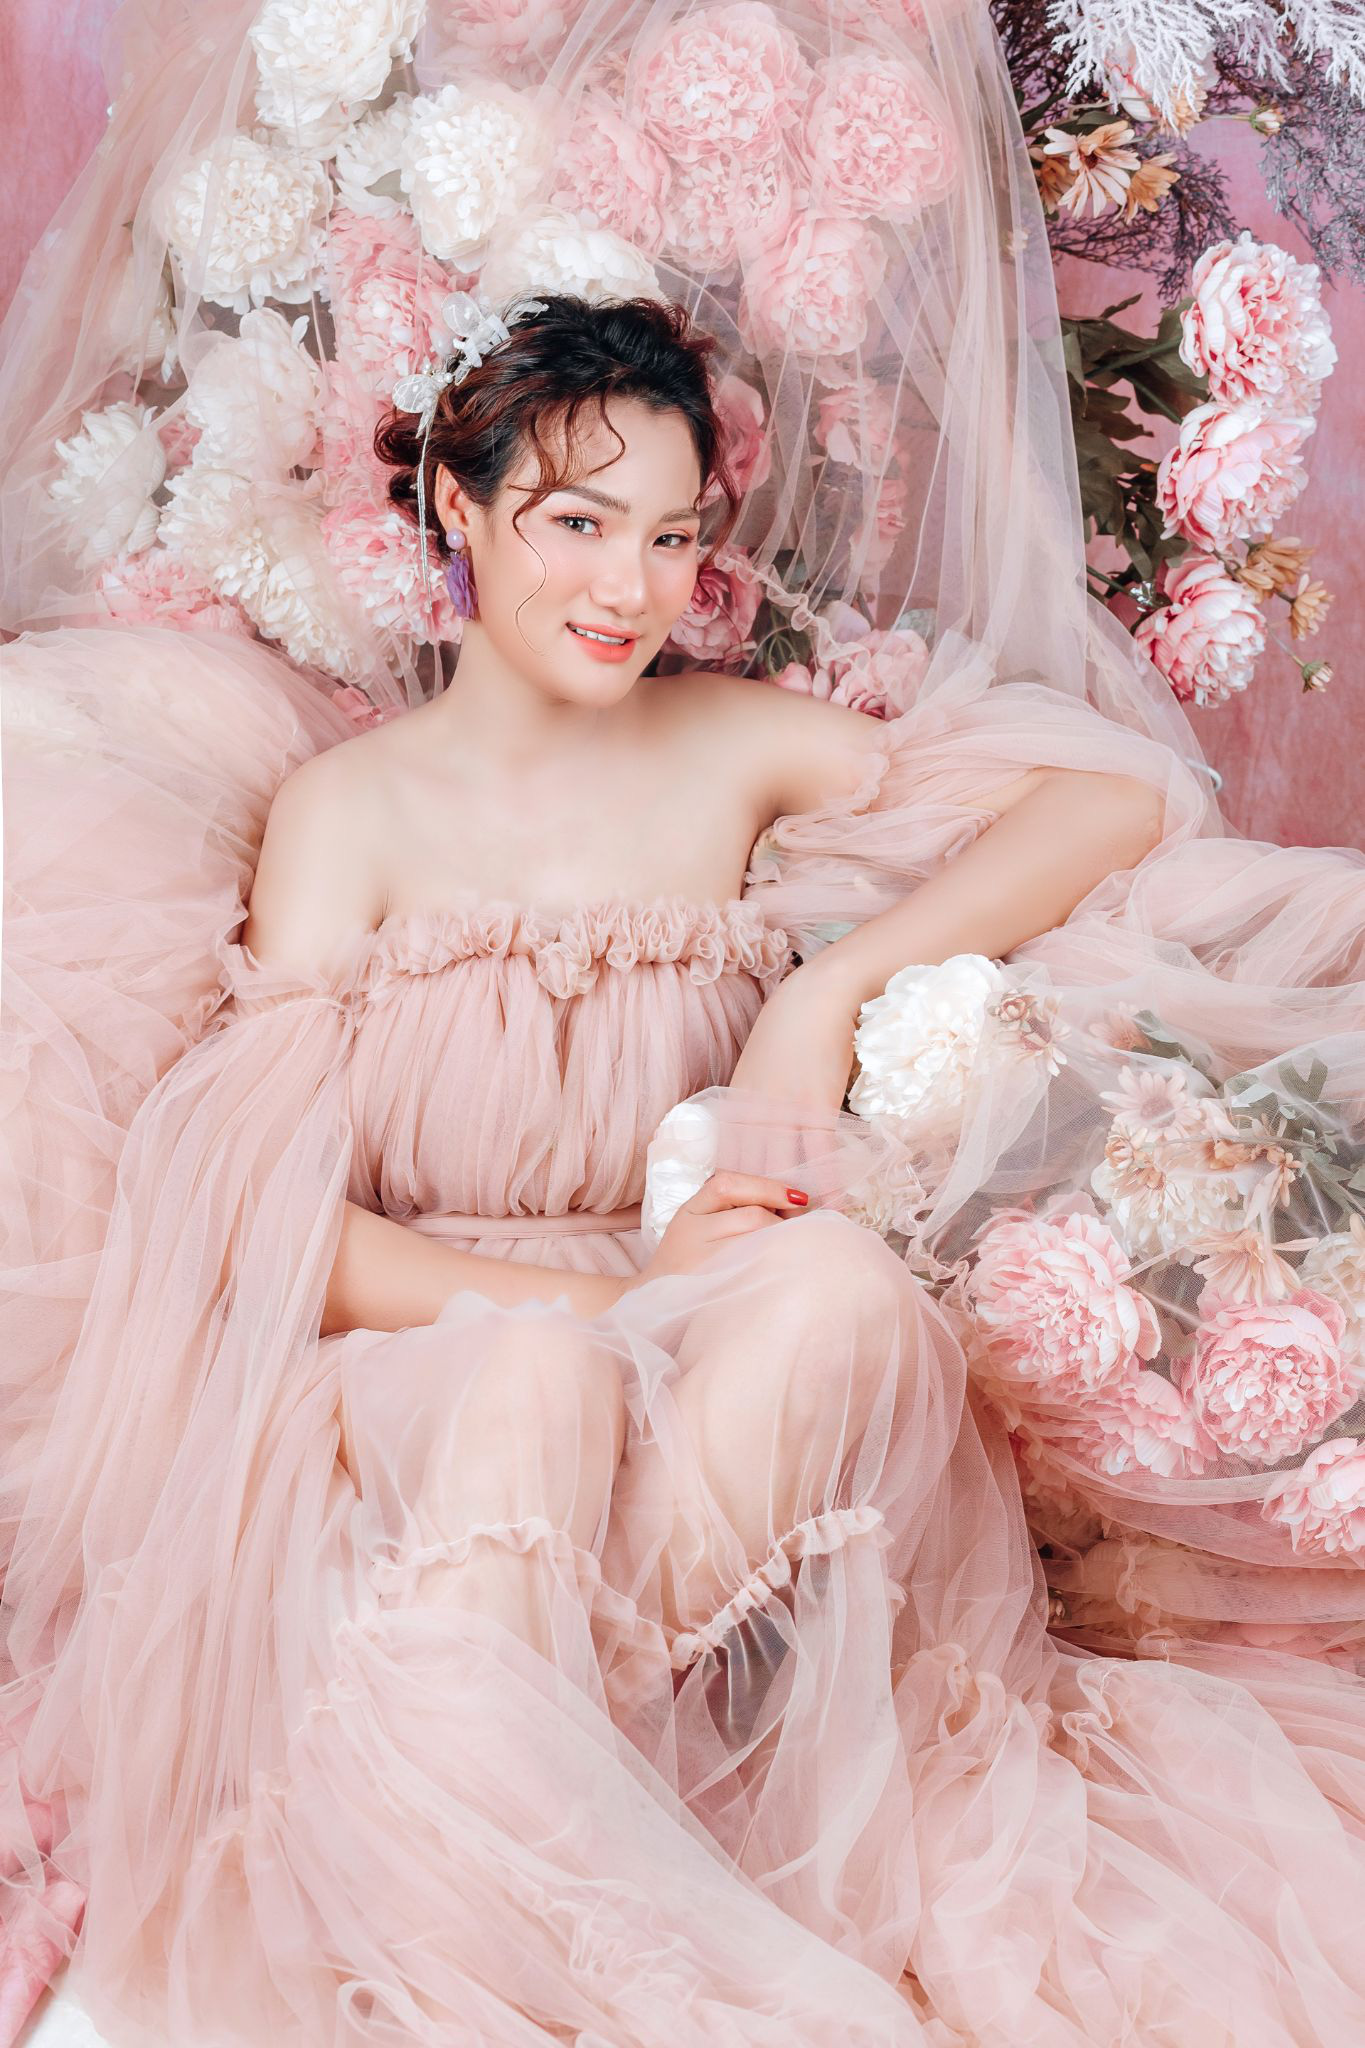 Mỹ Mỹ Authentic - Địa điểm mua sắm thời trang uy tín dành cho phái đẹp - Ảnh 2.